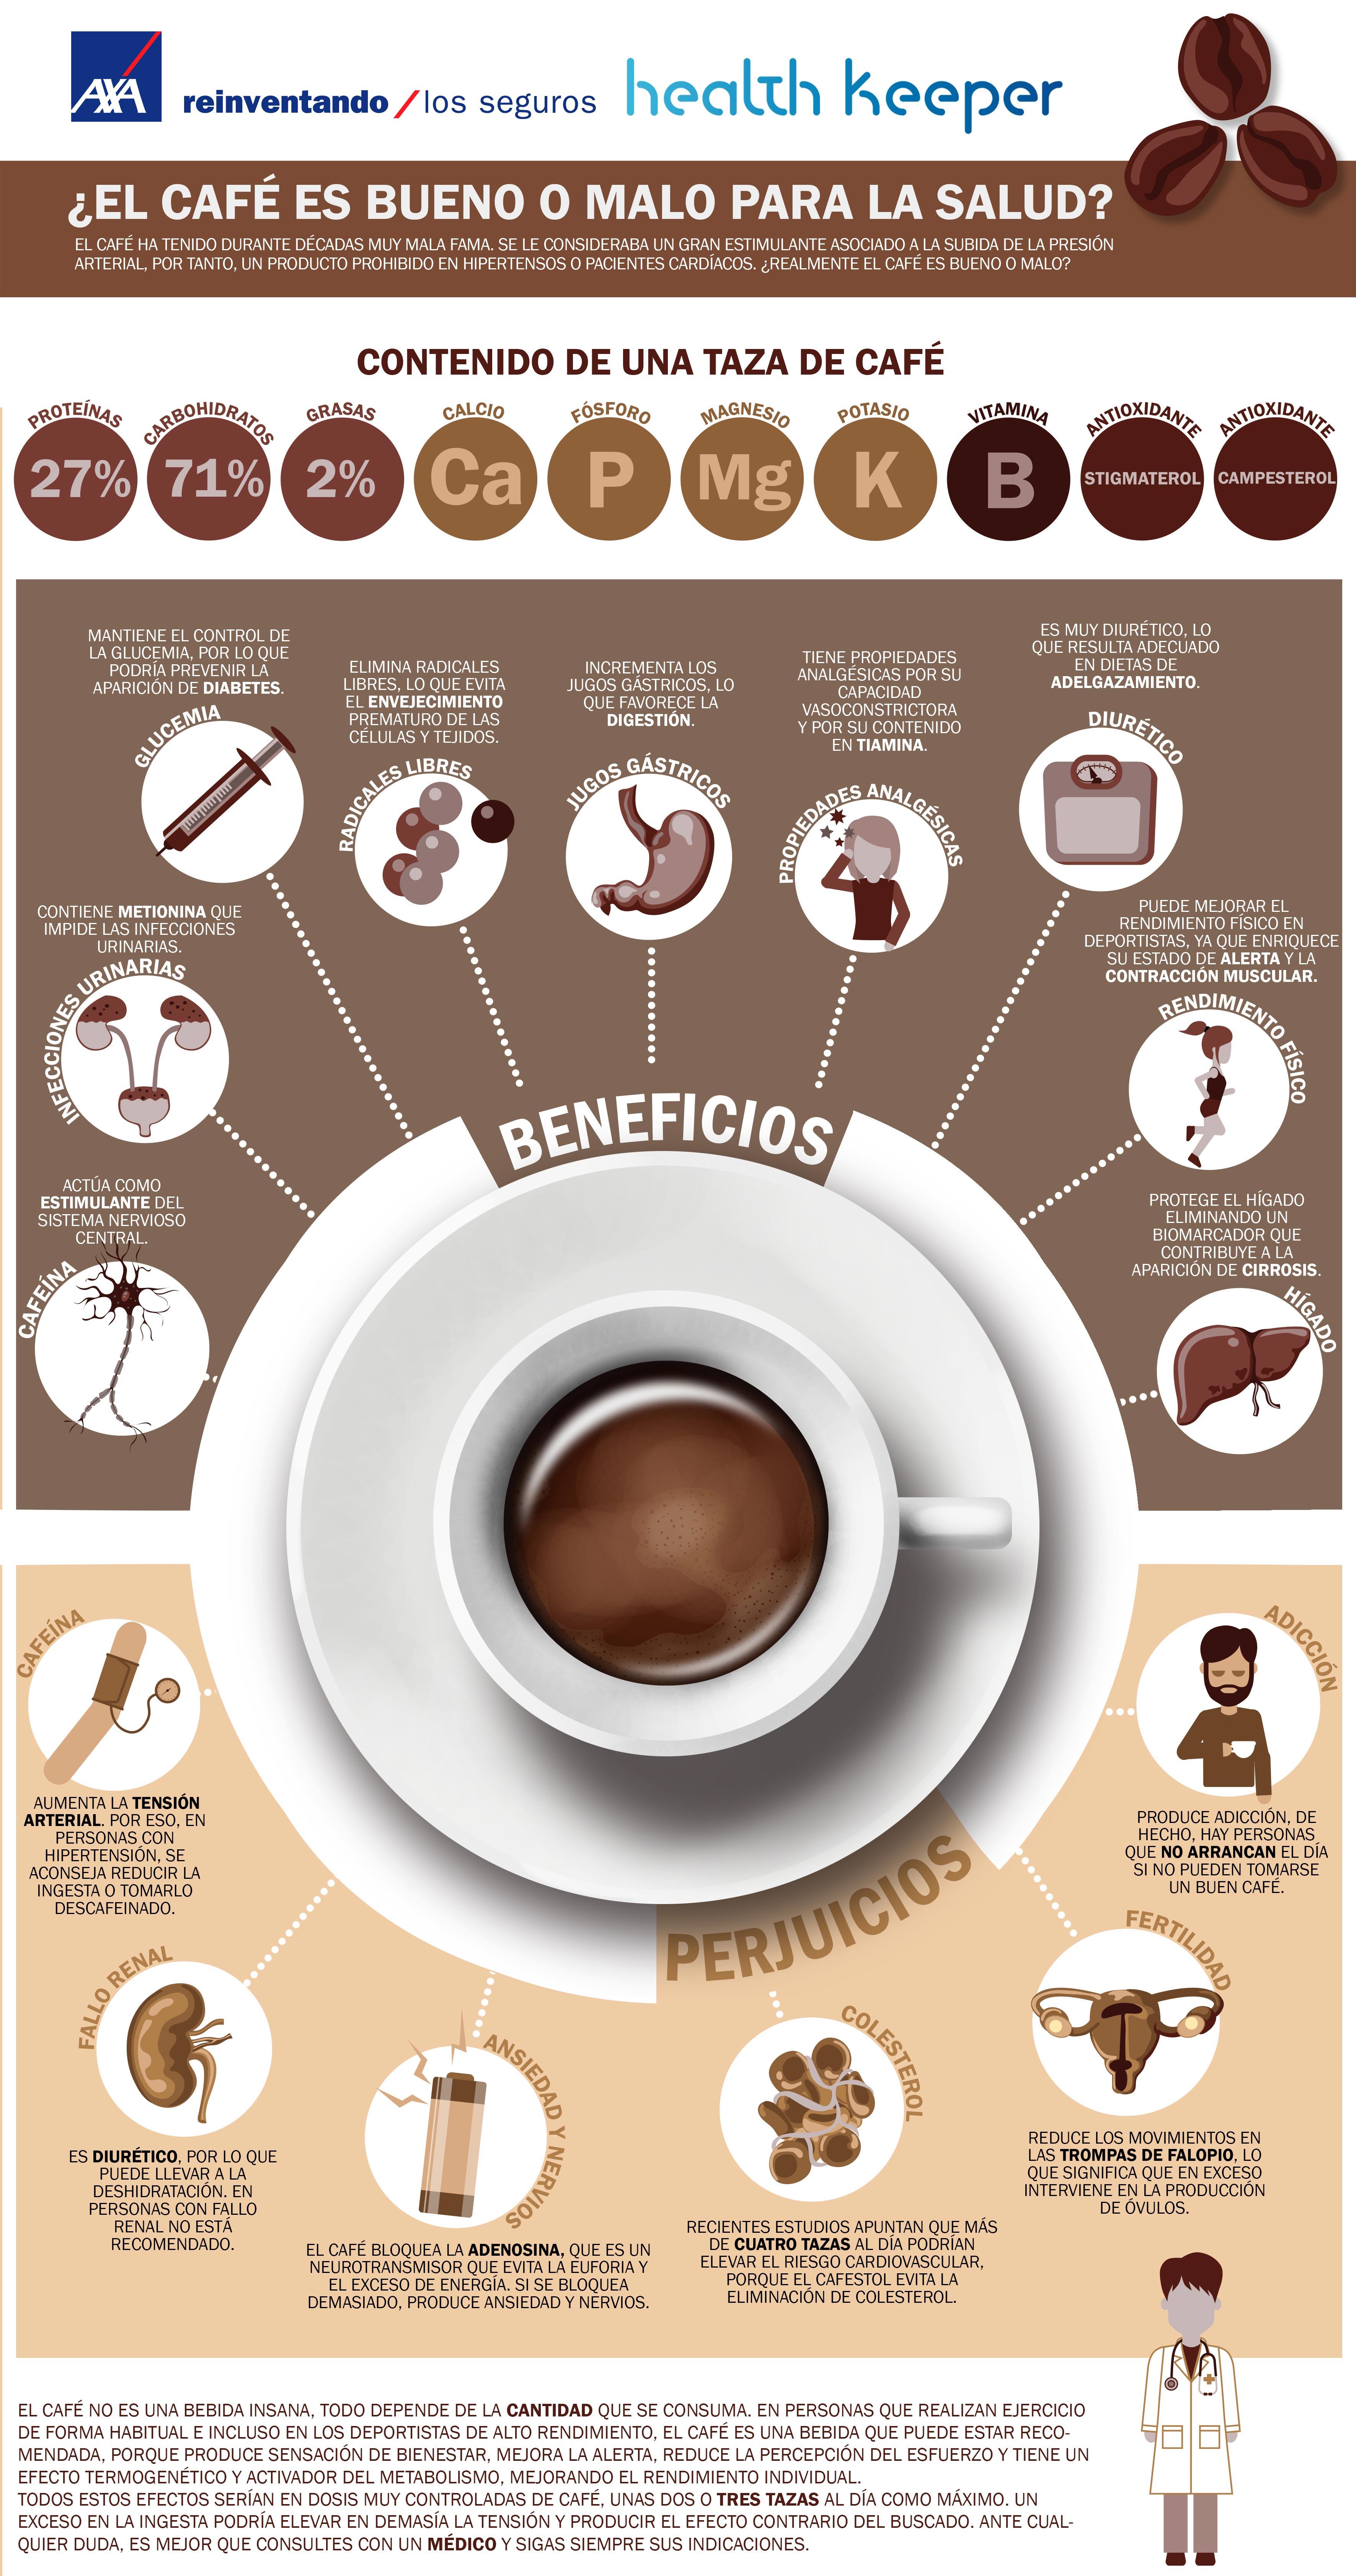 ¿El café es bueno o malo para la salud? - Infografía Axa Healthkeeper